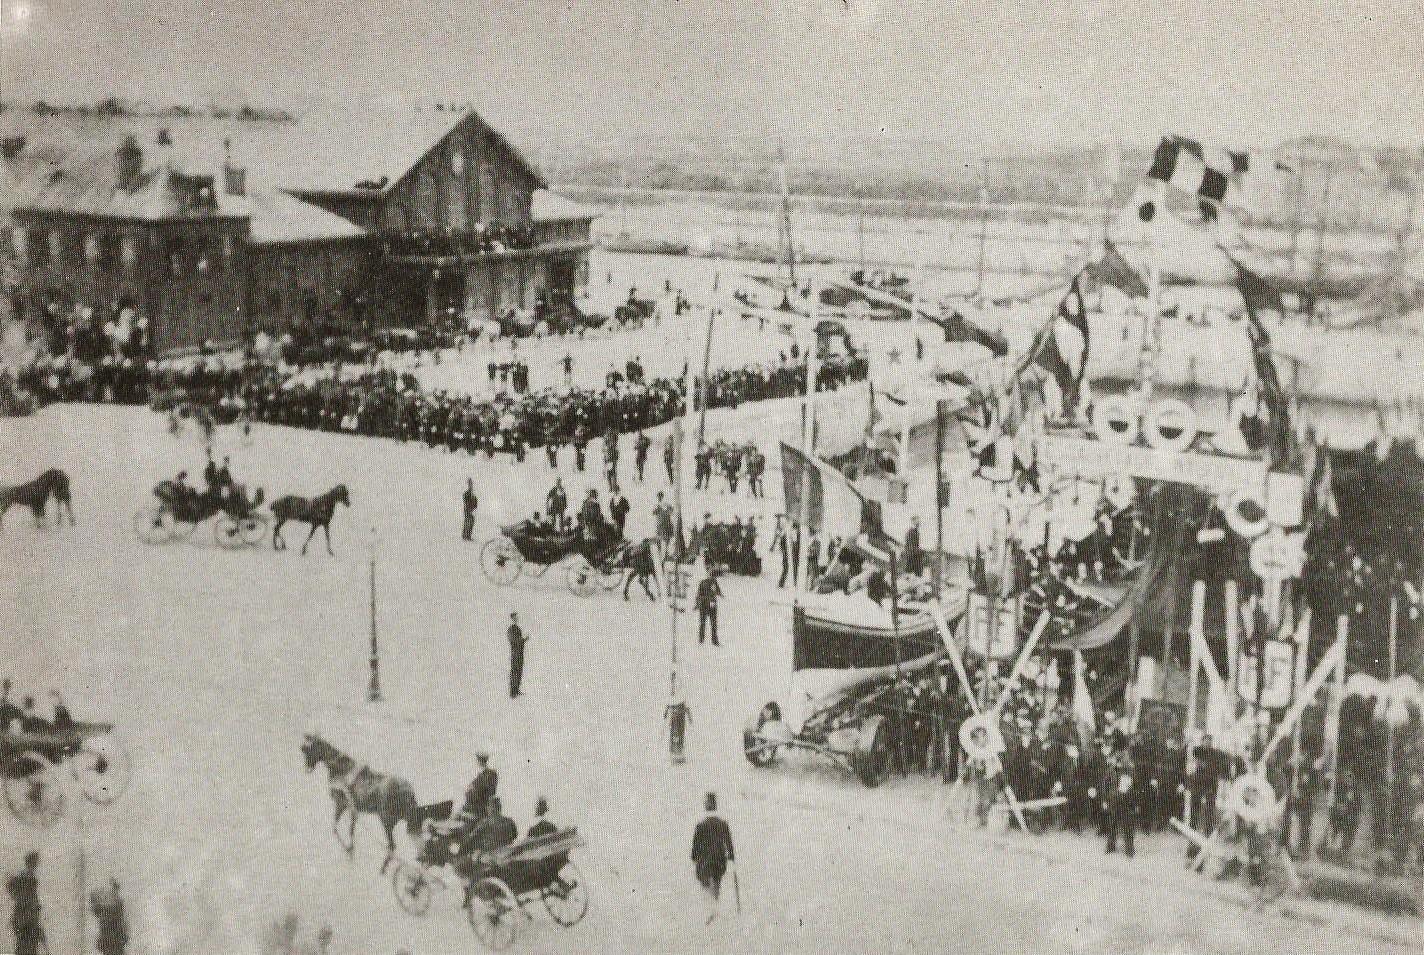 Calais courgain inauguration du monument gavet le 10 septembre 1899